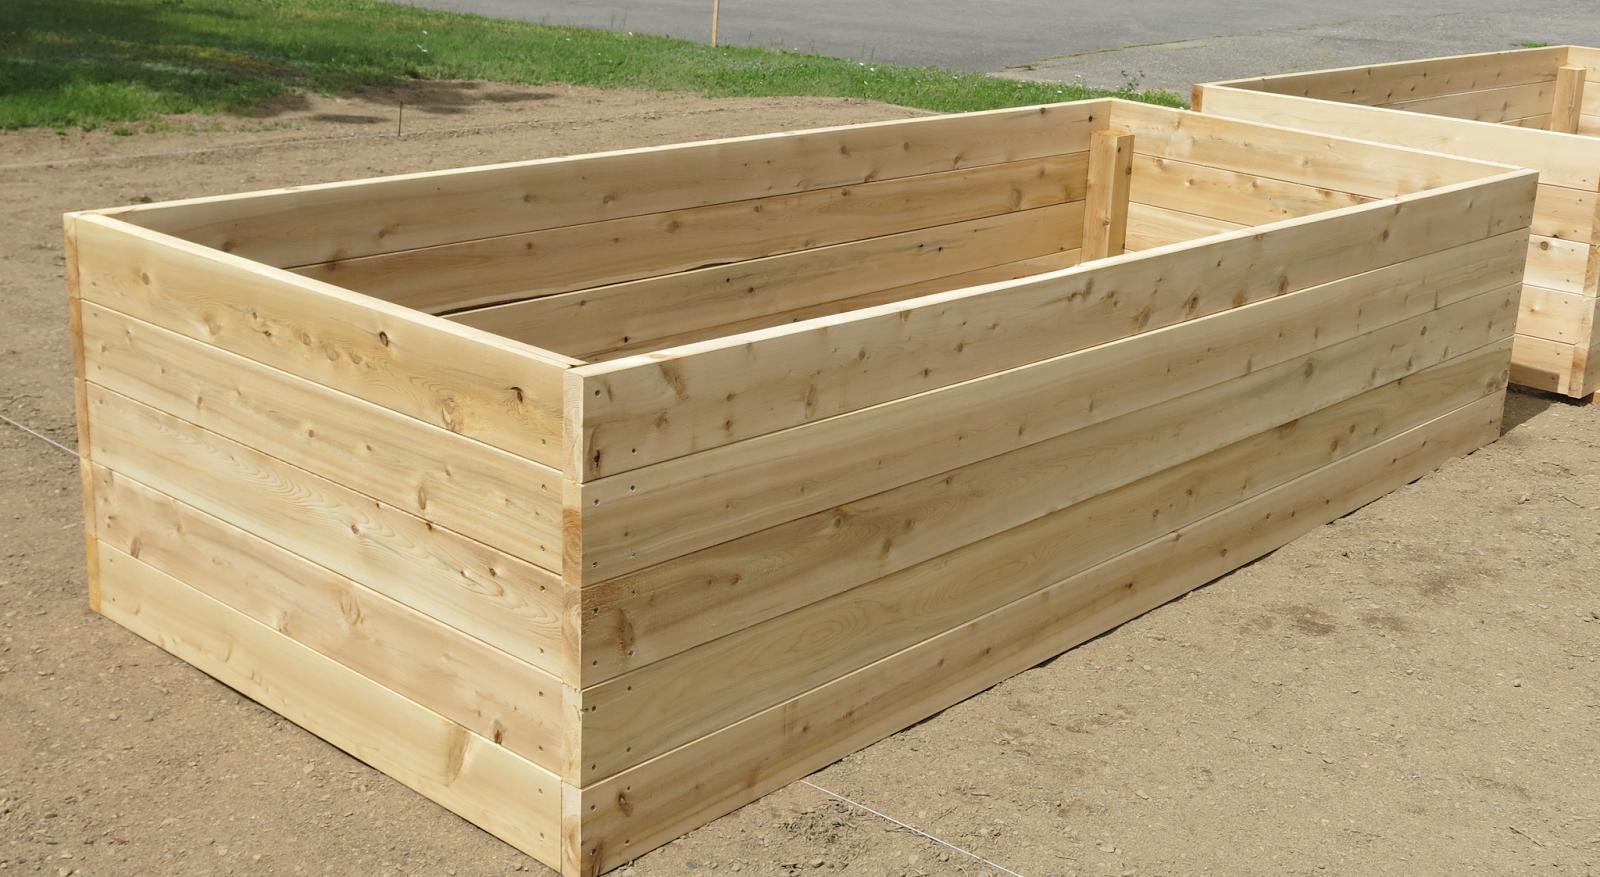 bac de jardin en bois bac en bois de jardin et pots les jardins de la vall e banc de jardin en. Black Bedroom Furniture Sets. Home Design Ideas